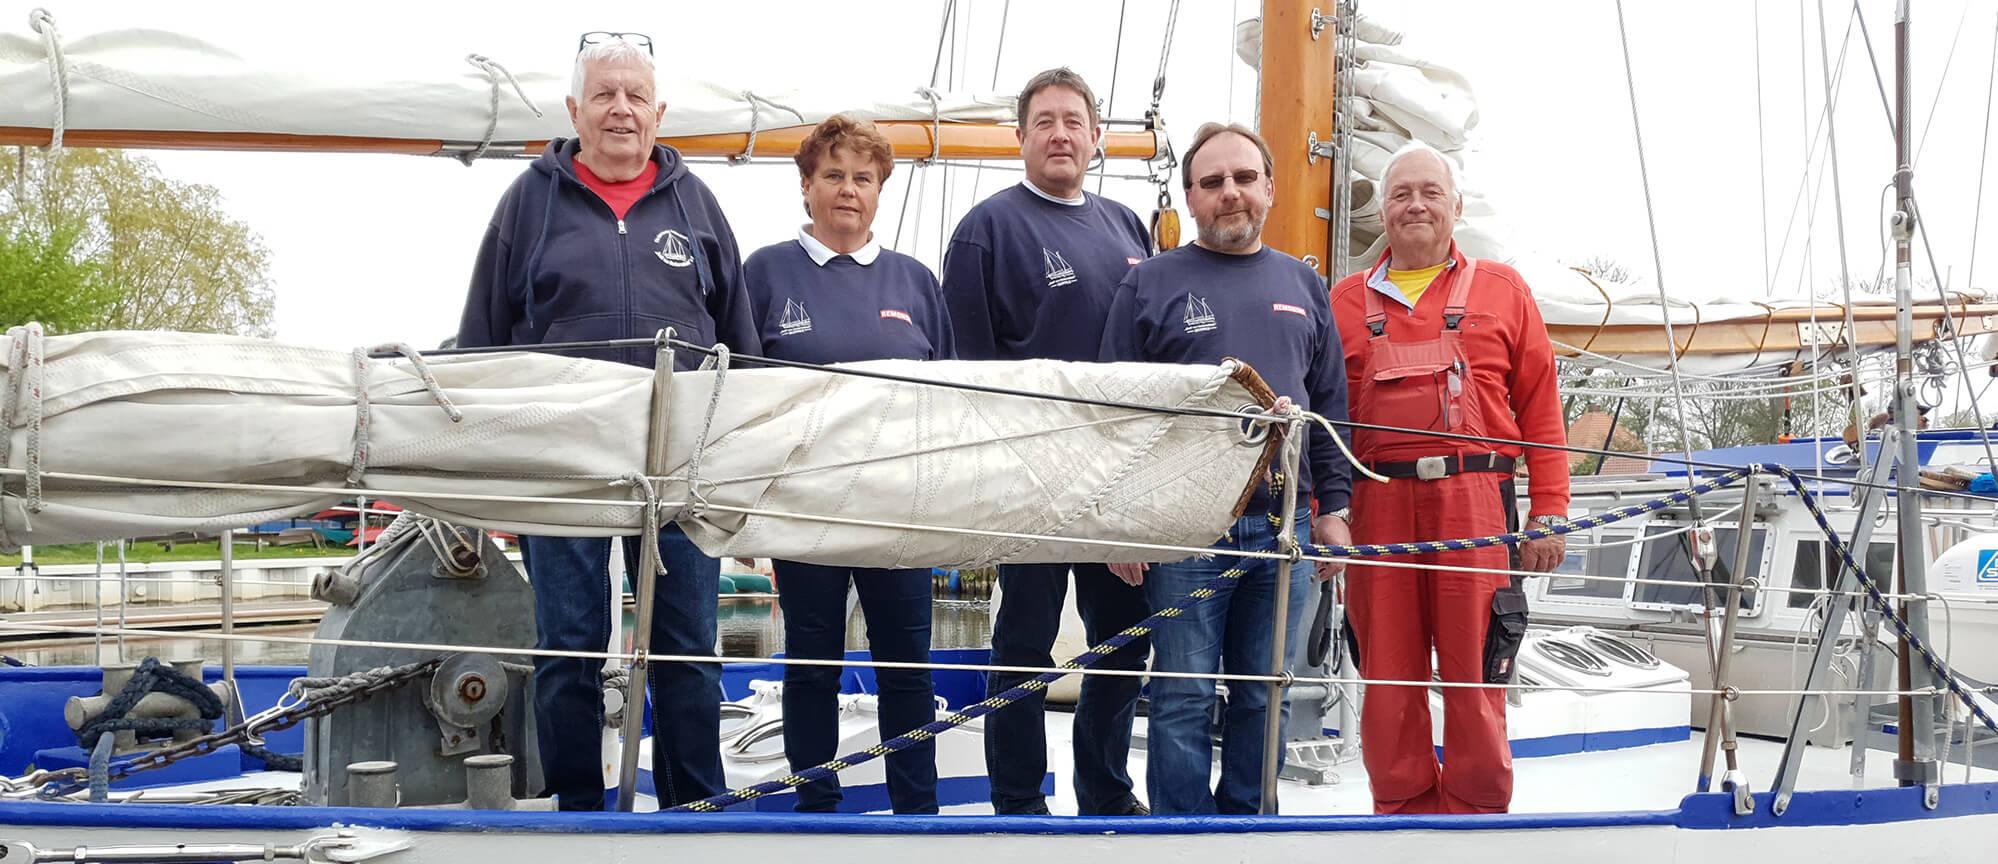 Gruppenbild vom Vorstand auf der Jugendsegelyacht Greif von Ueckermünde